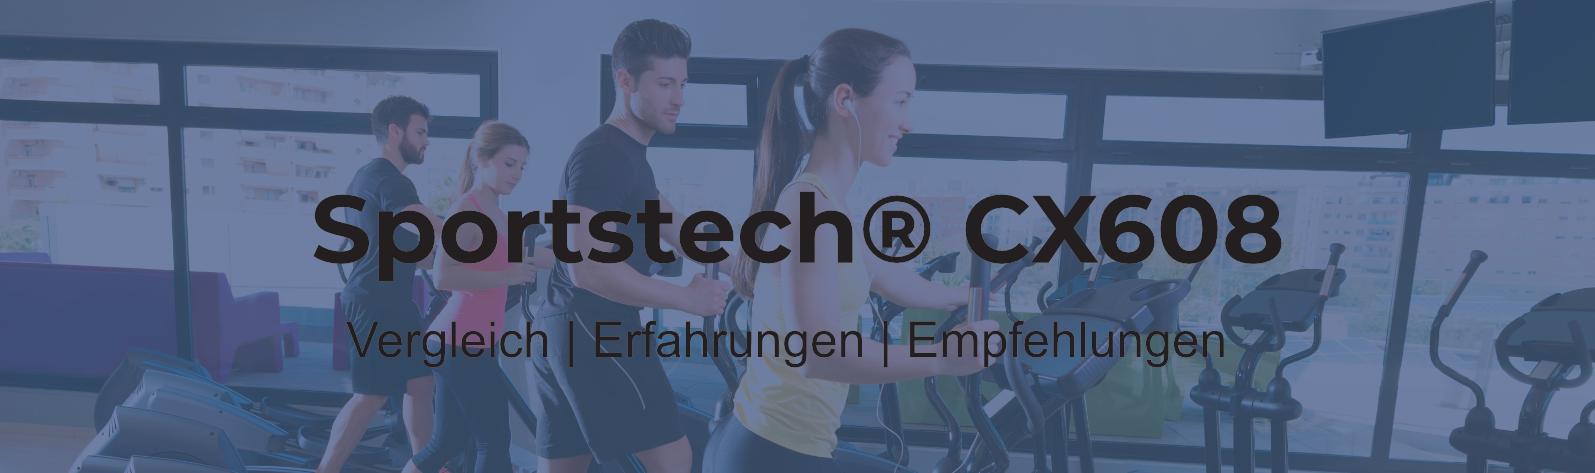 Sportstech CX608® Crosstrainer - erschwingliches Premium-Training?